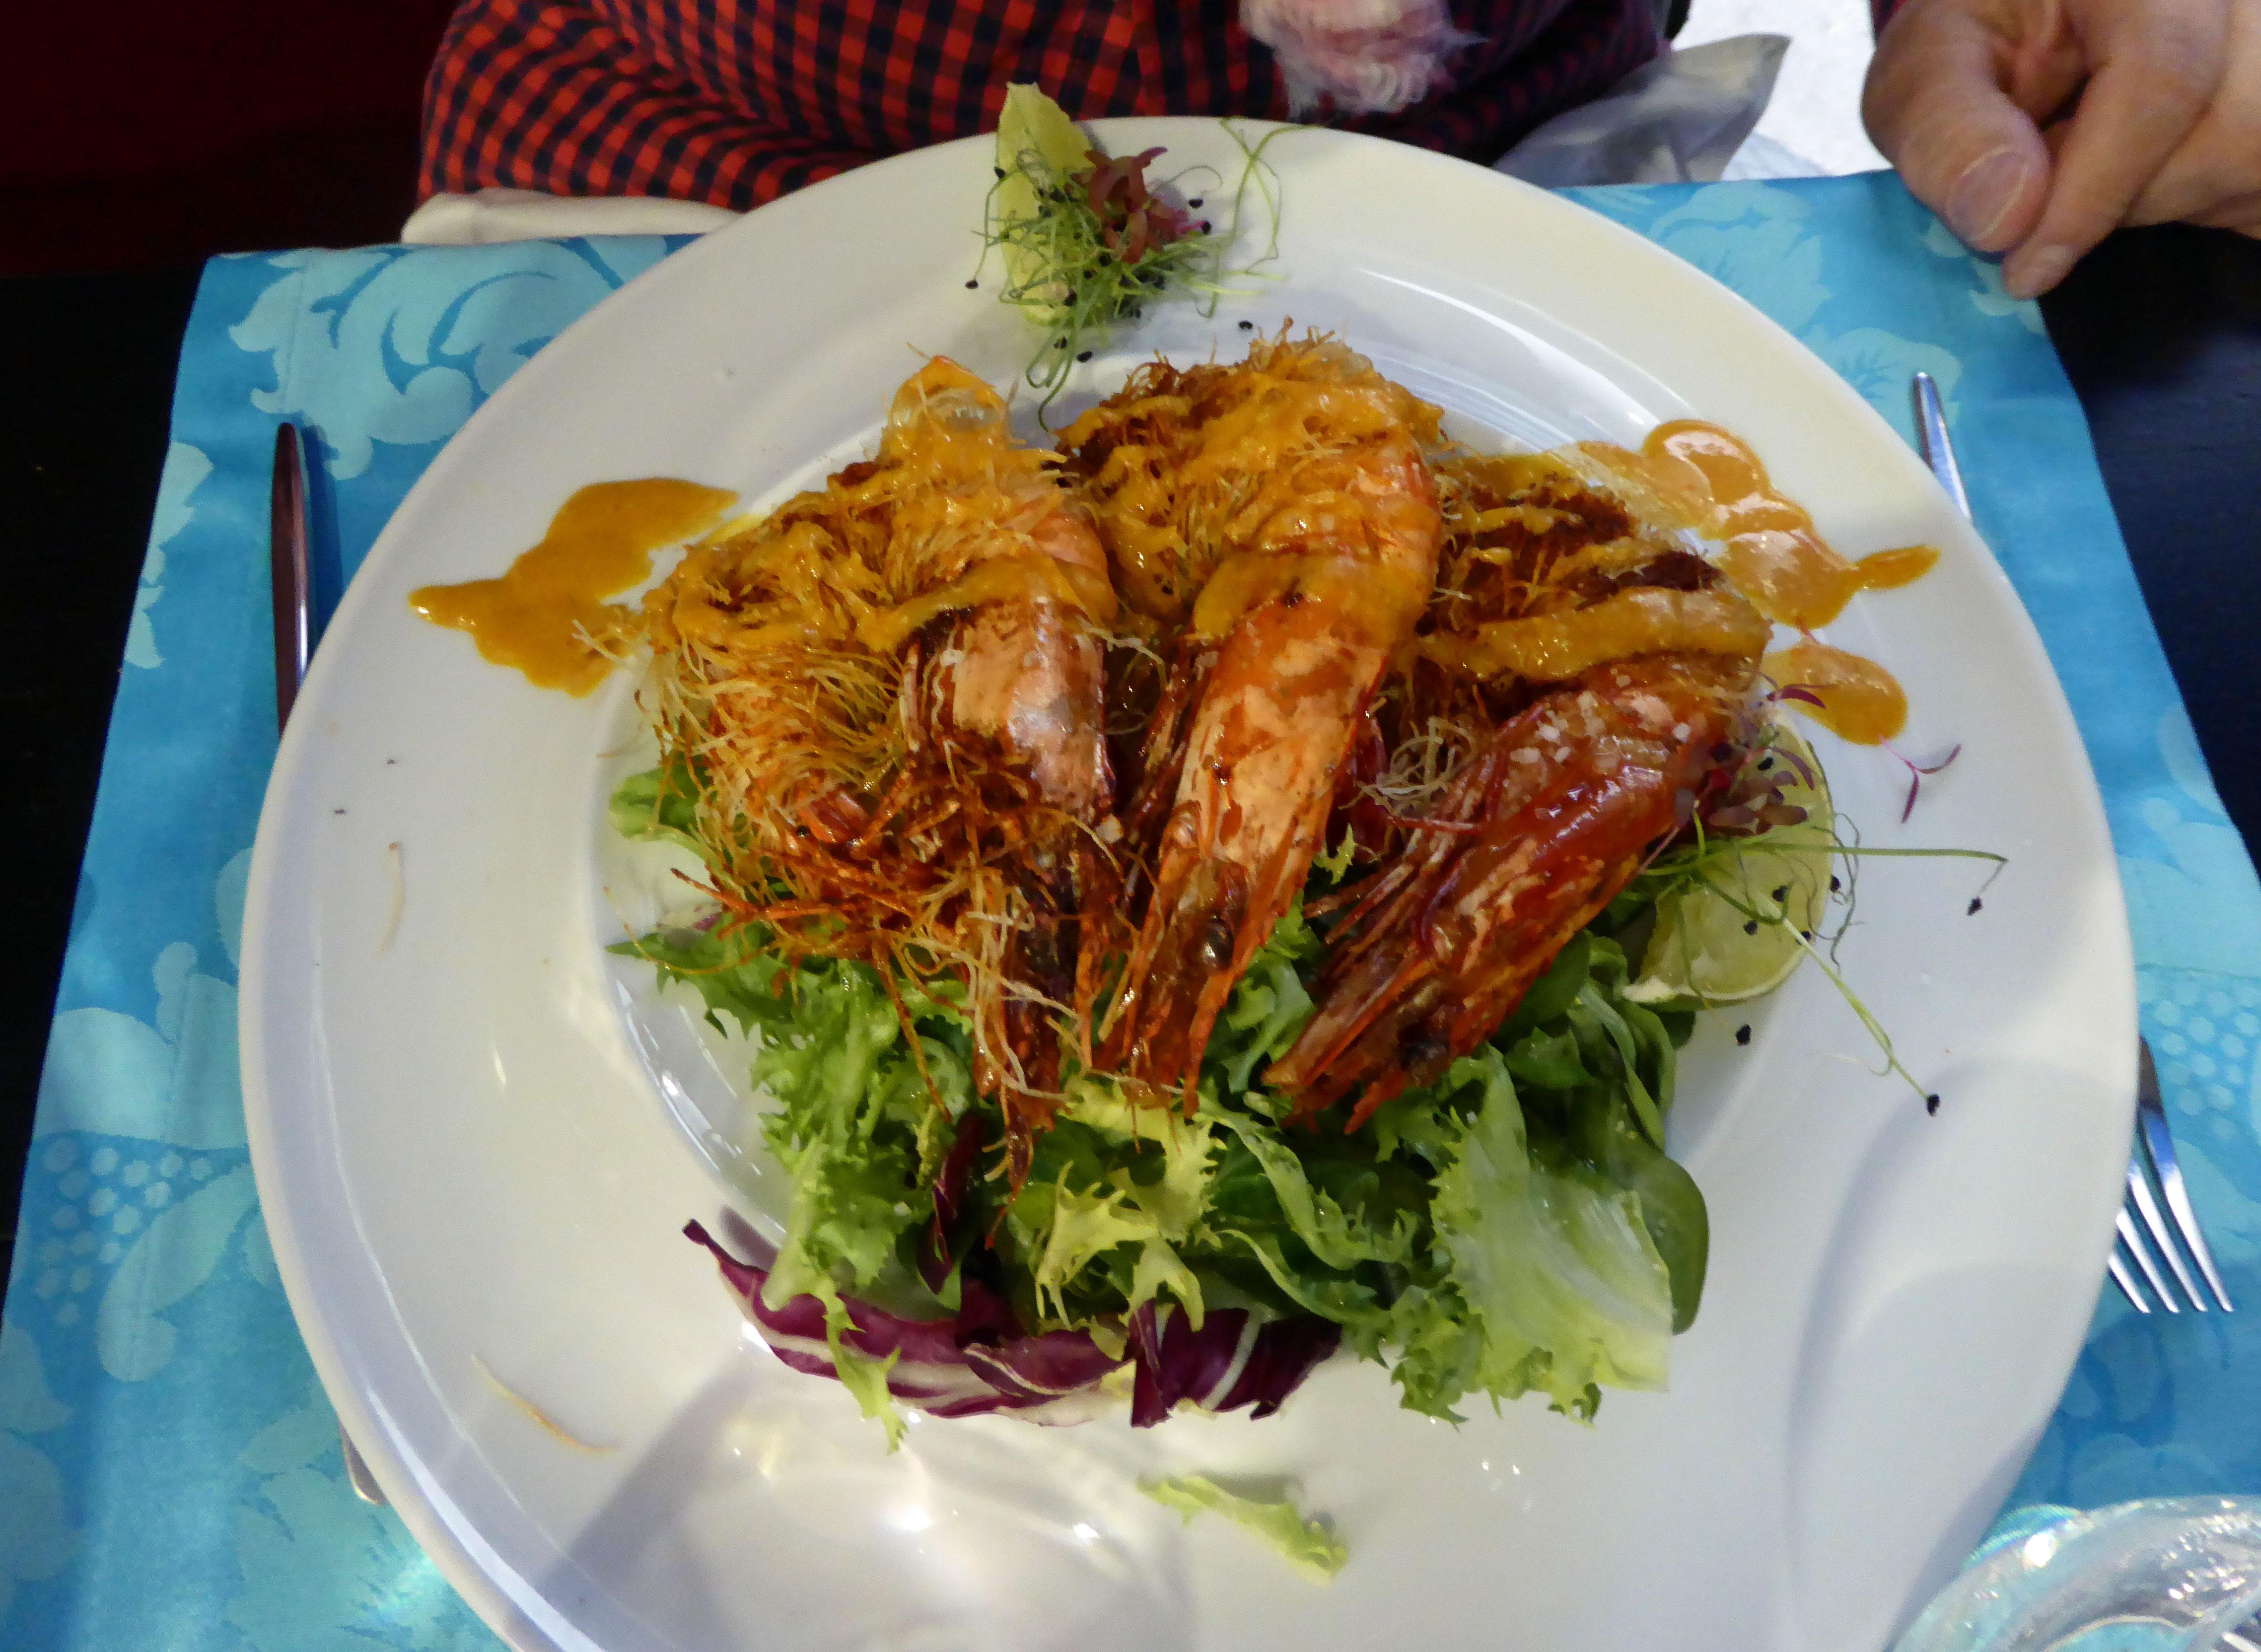 Restaurante en Oporto Gambas rebozadas con pasta filo, salsa de mani y de coco, sobre un fondo de ensalada verde